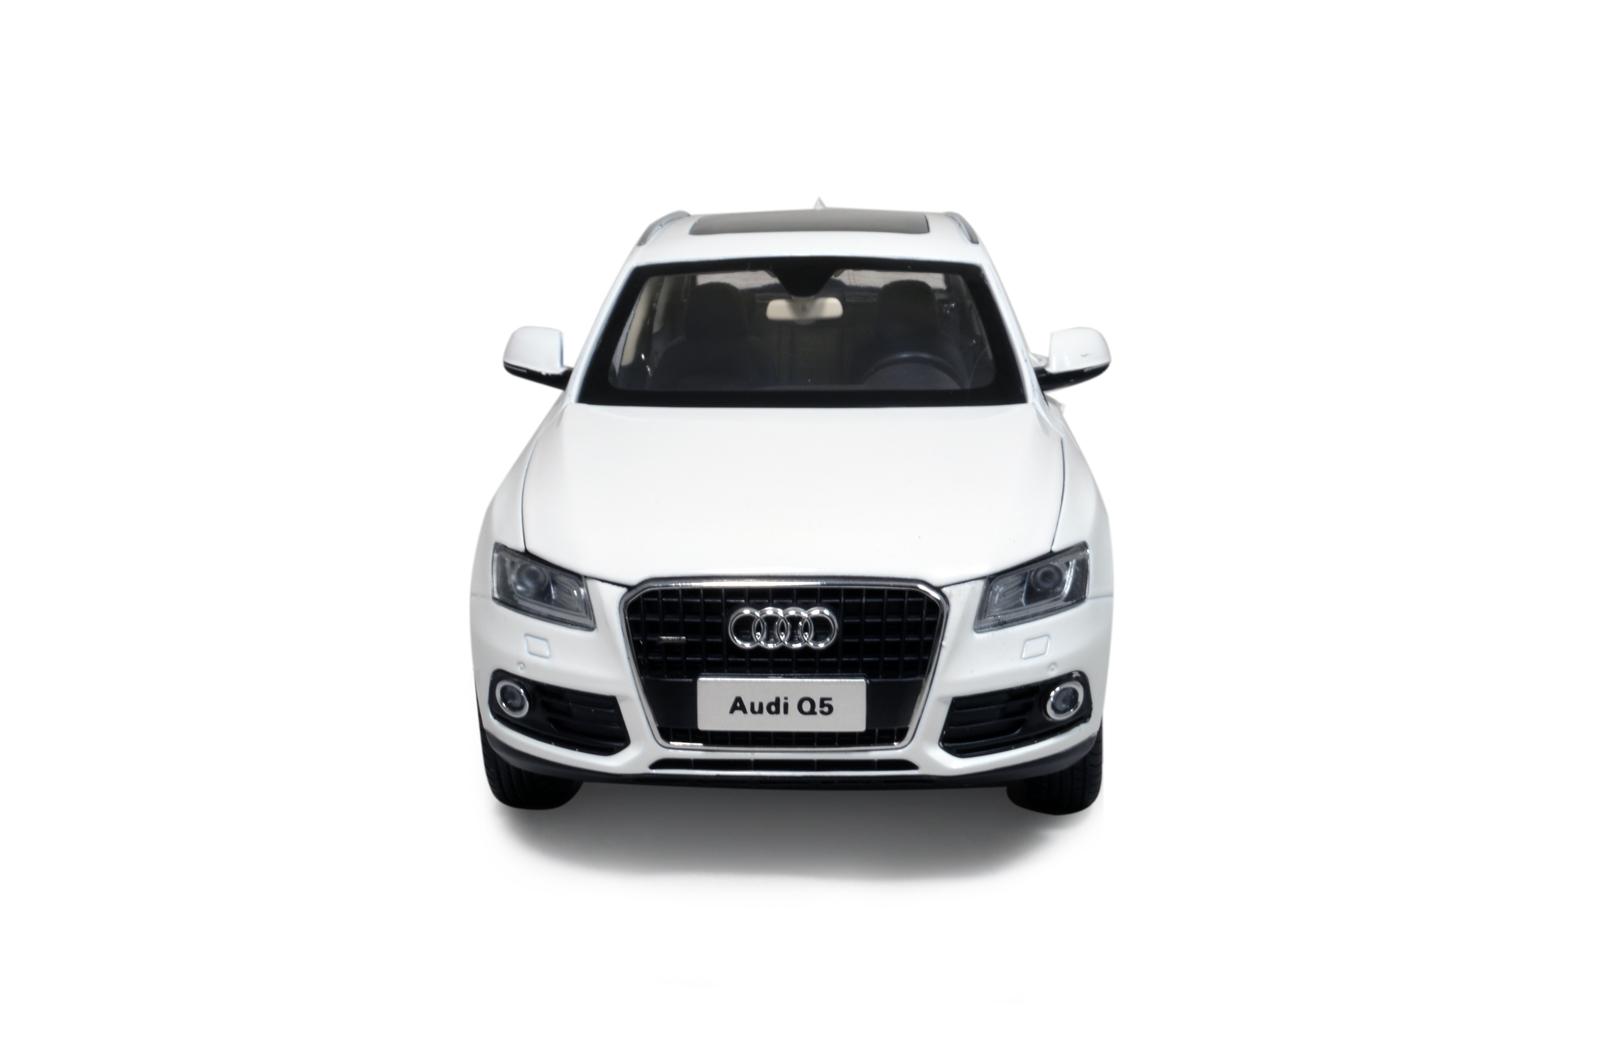 Audi Q5 2014 1/18 Scale Diecast Model Car Wholesale 13